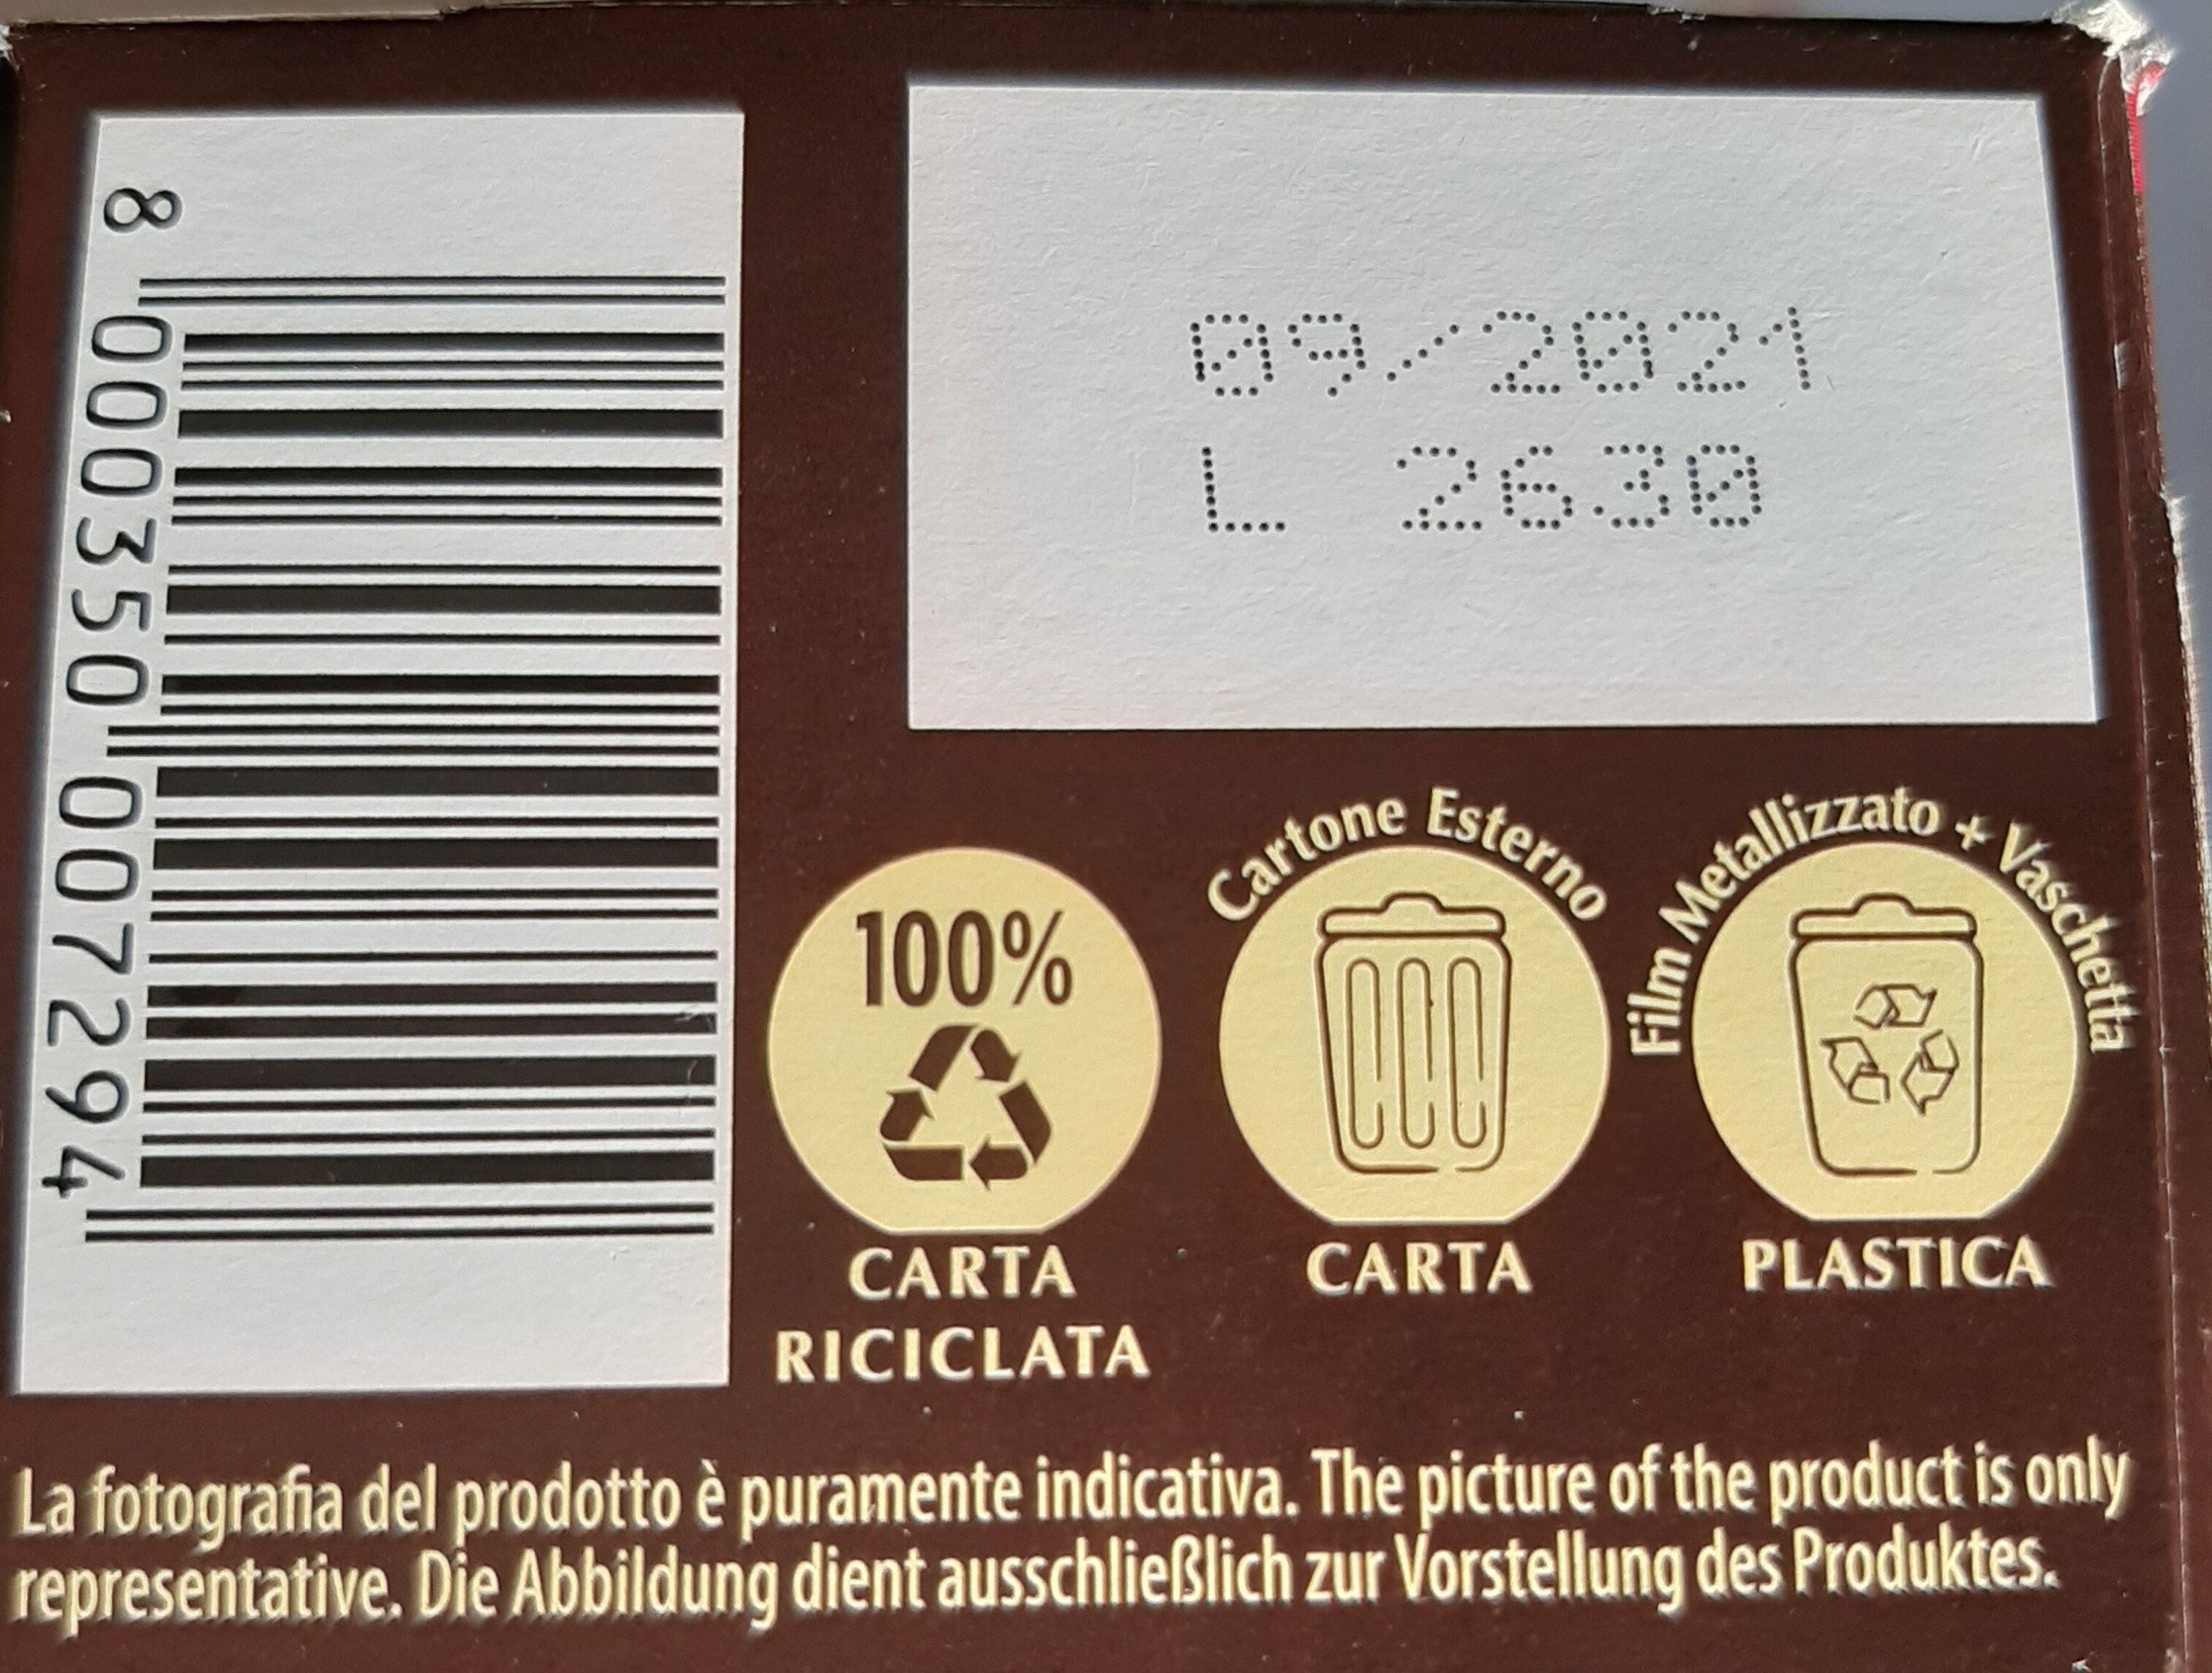 Grisbì Passion - Istruzioni per il riciclaggio e/o informazioni sull'imballaggio - it